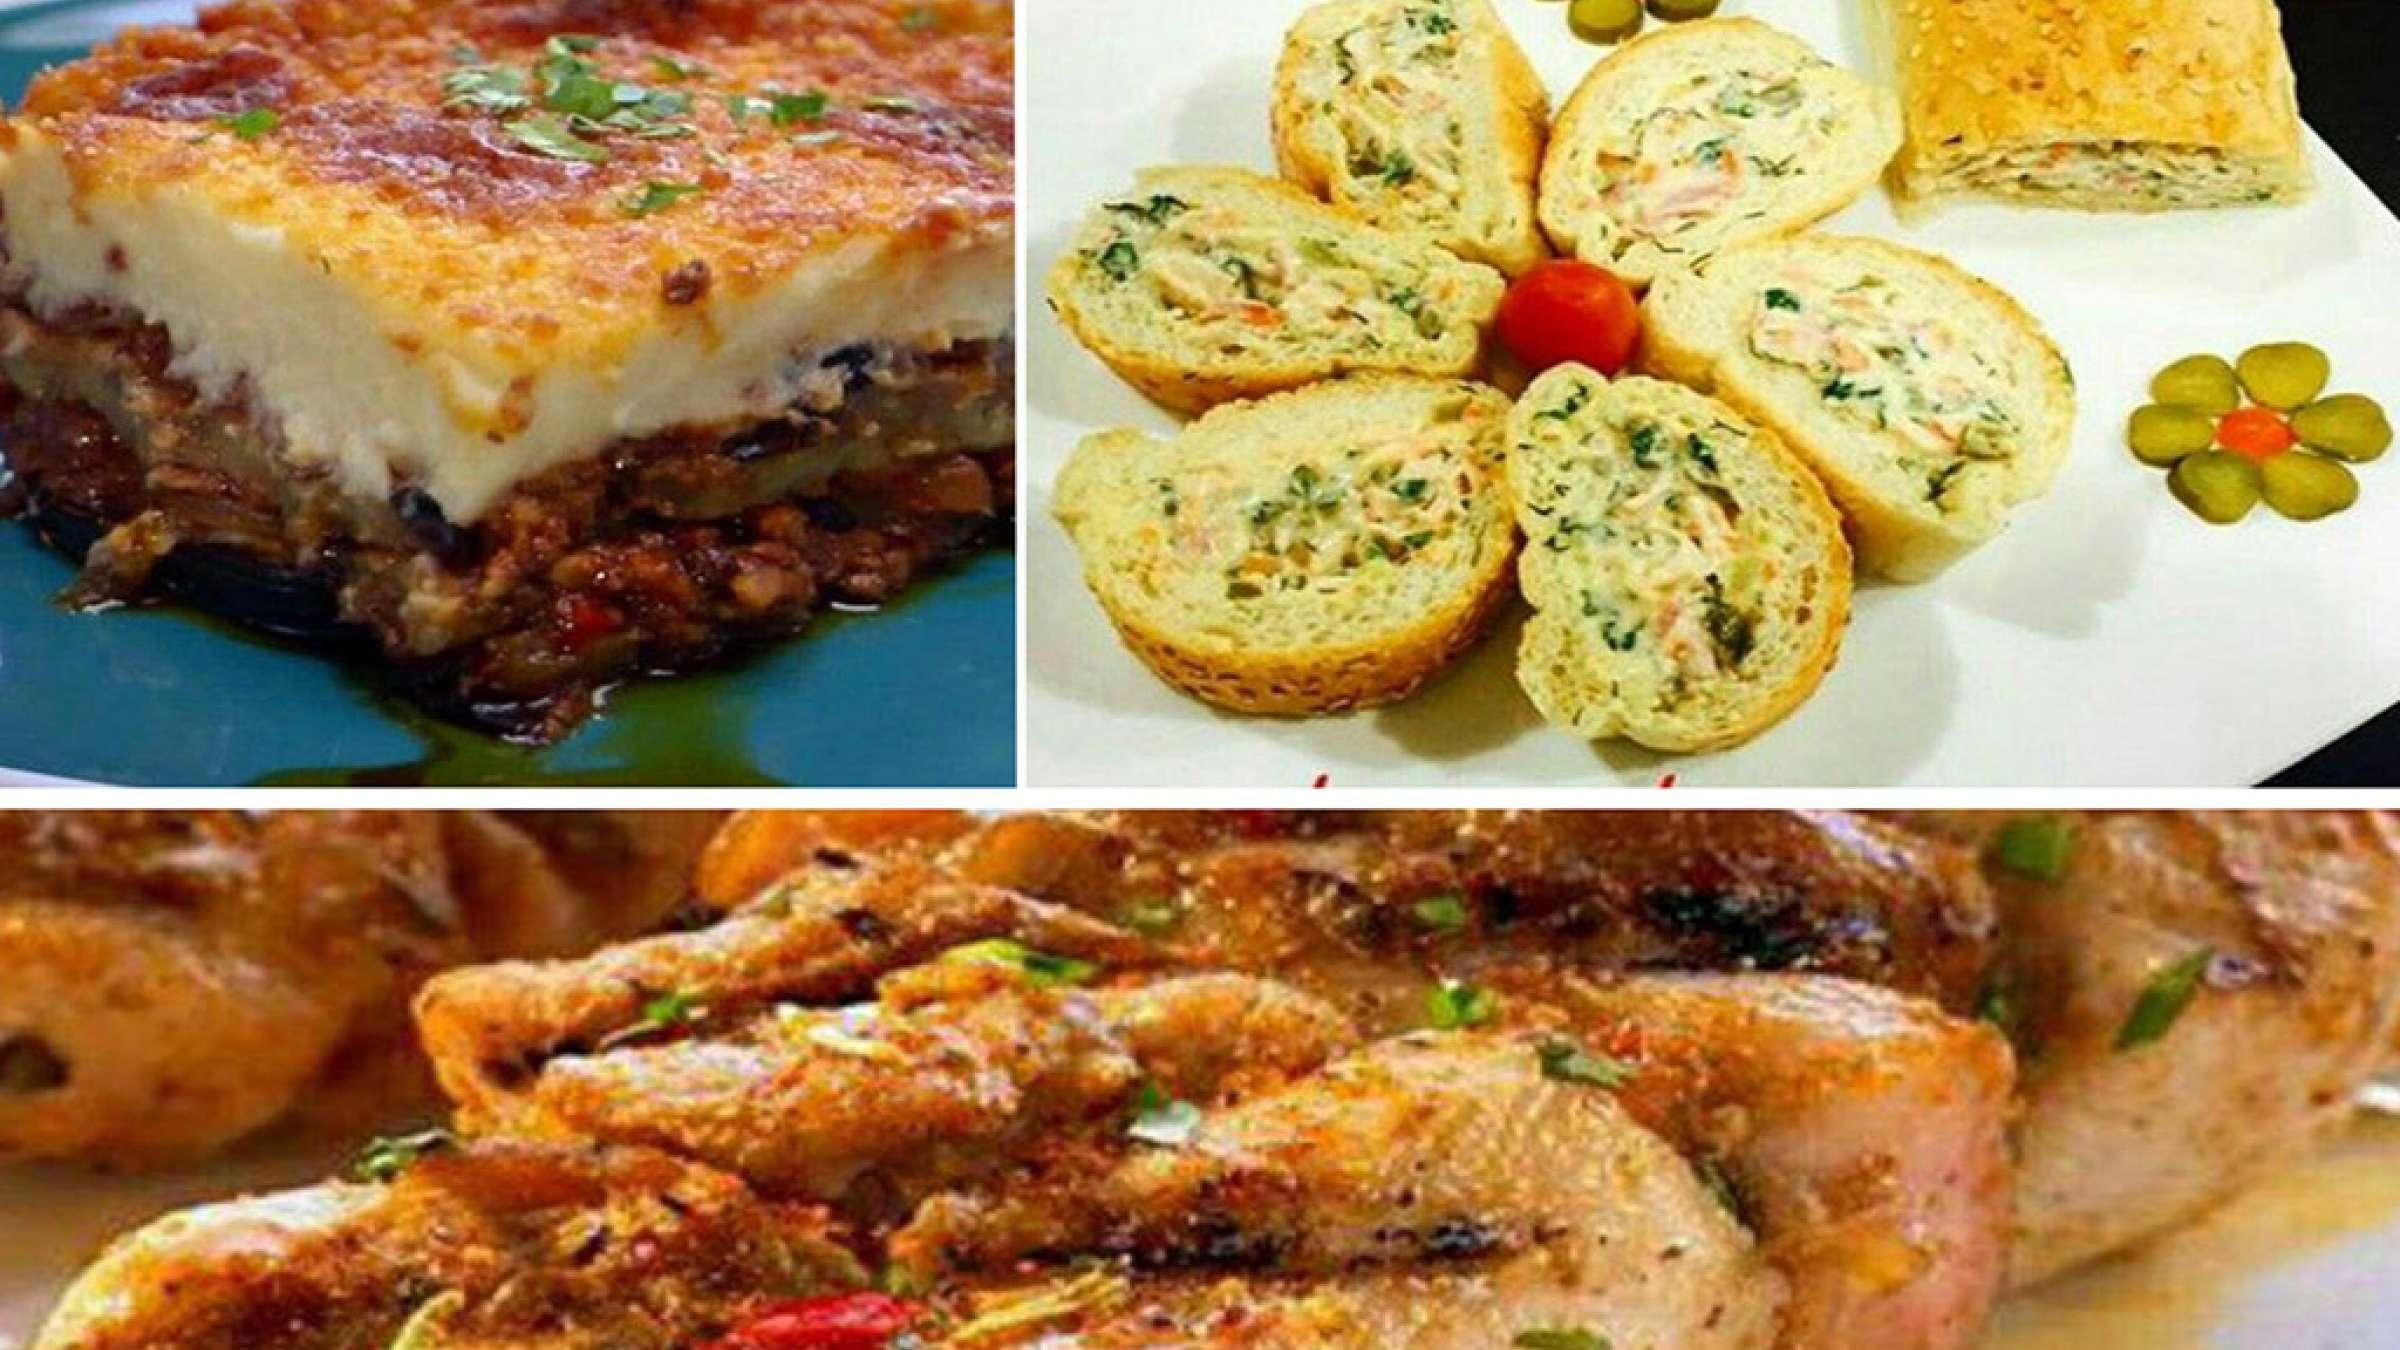 ashpazi-parvin-sandwich-diplomat